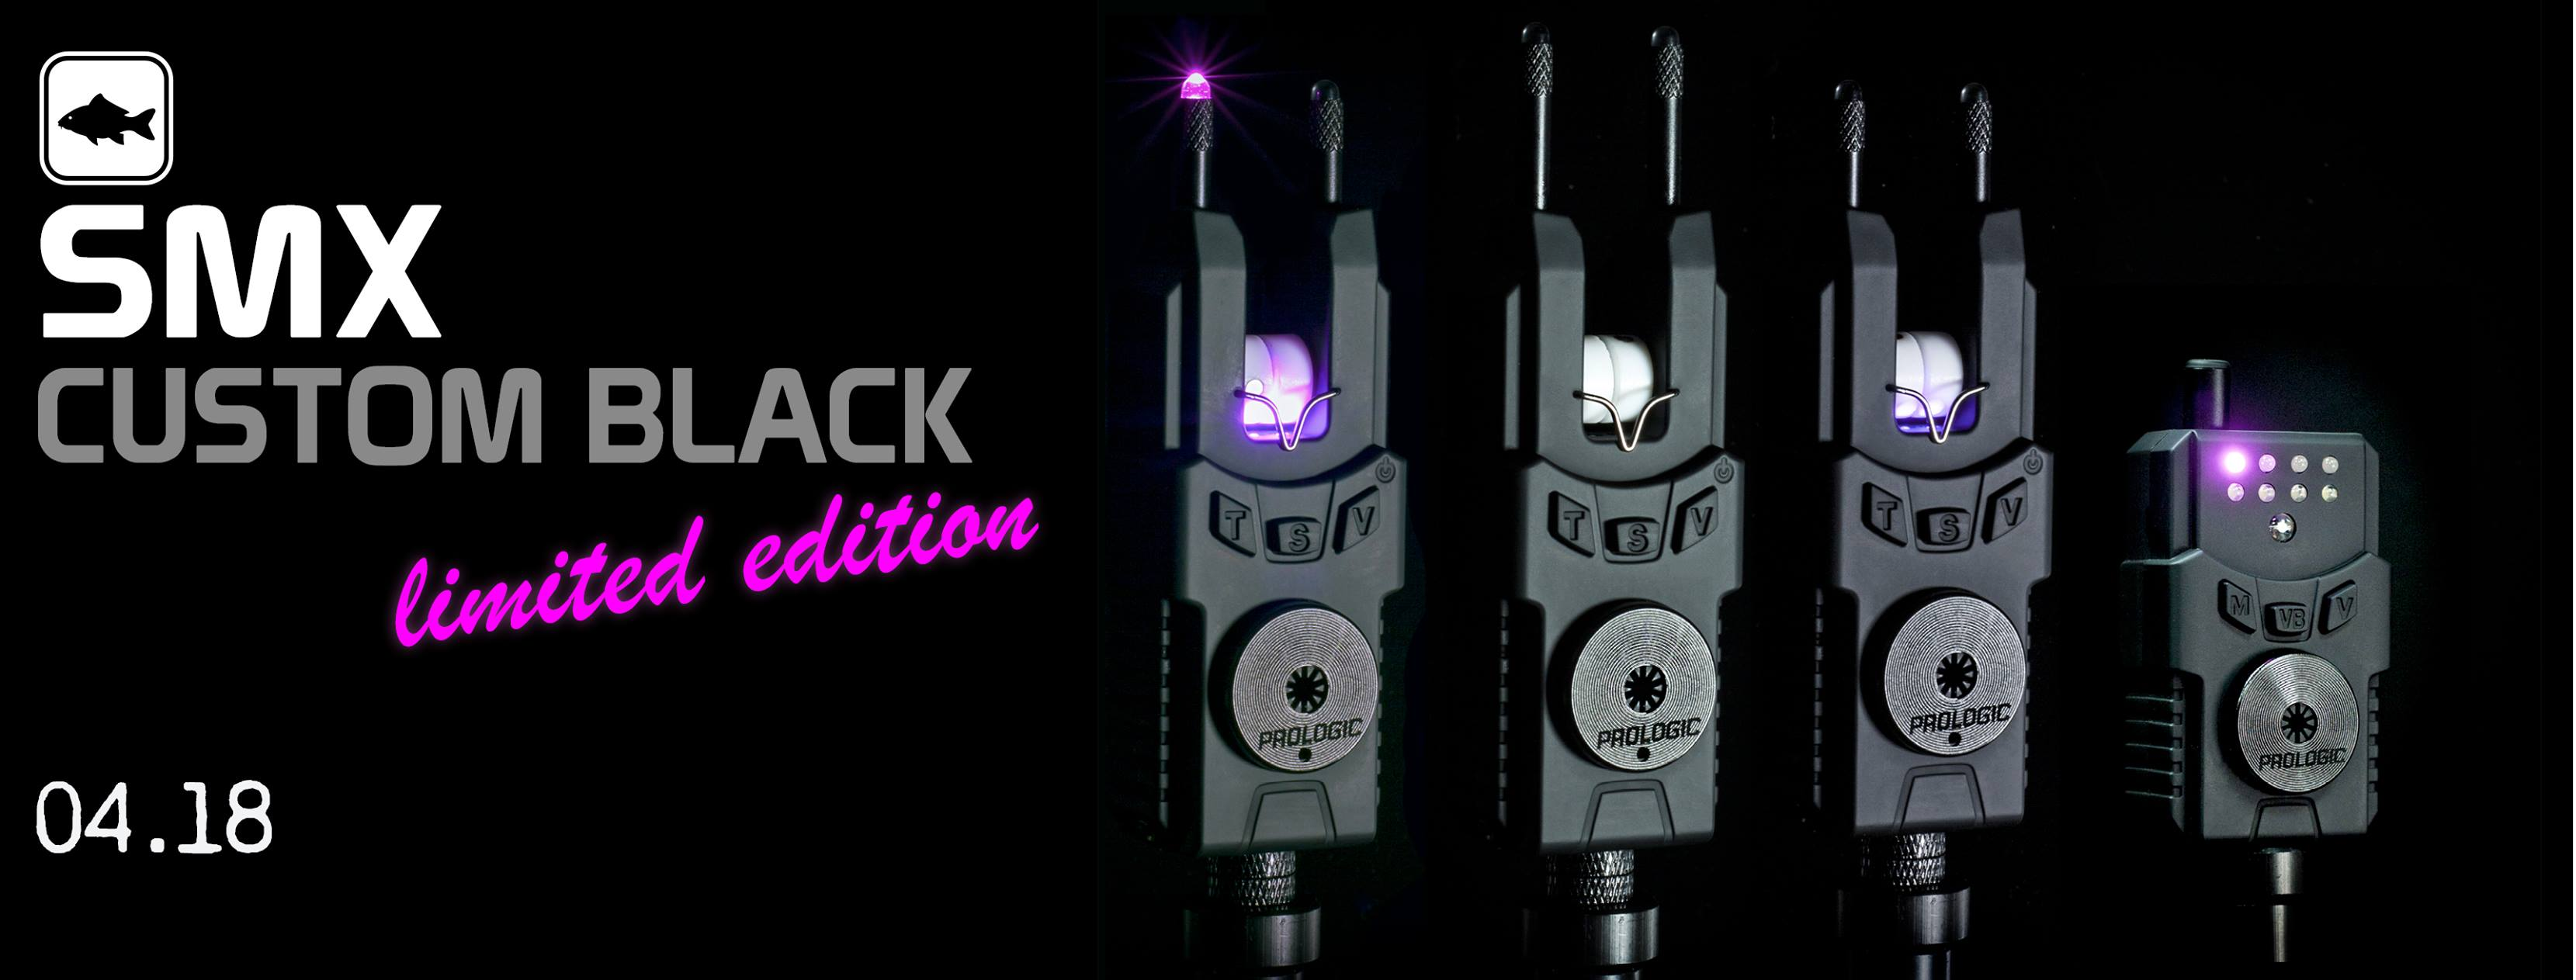 Prologic SMX Custom Black Bite Alarms